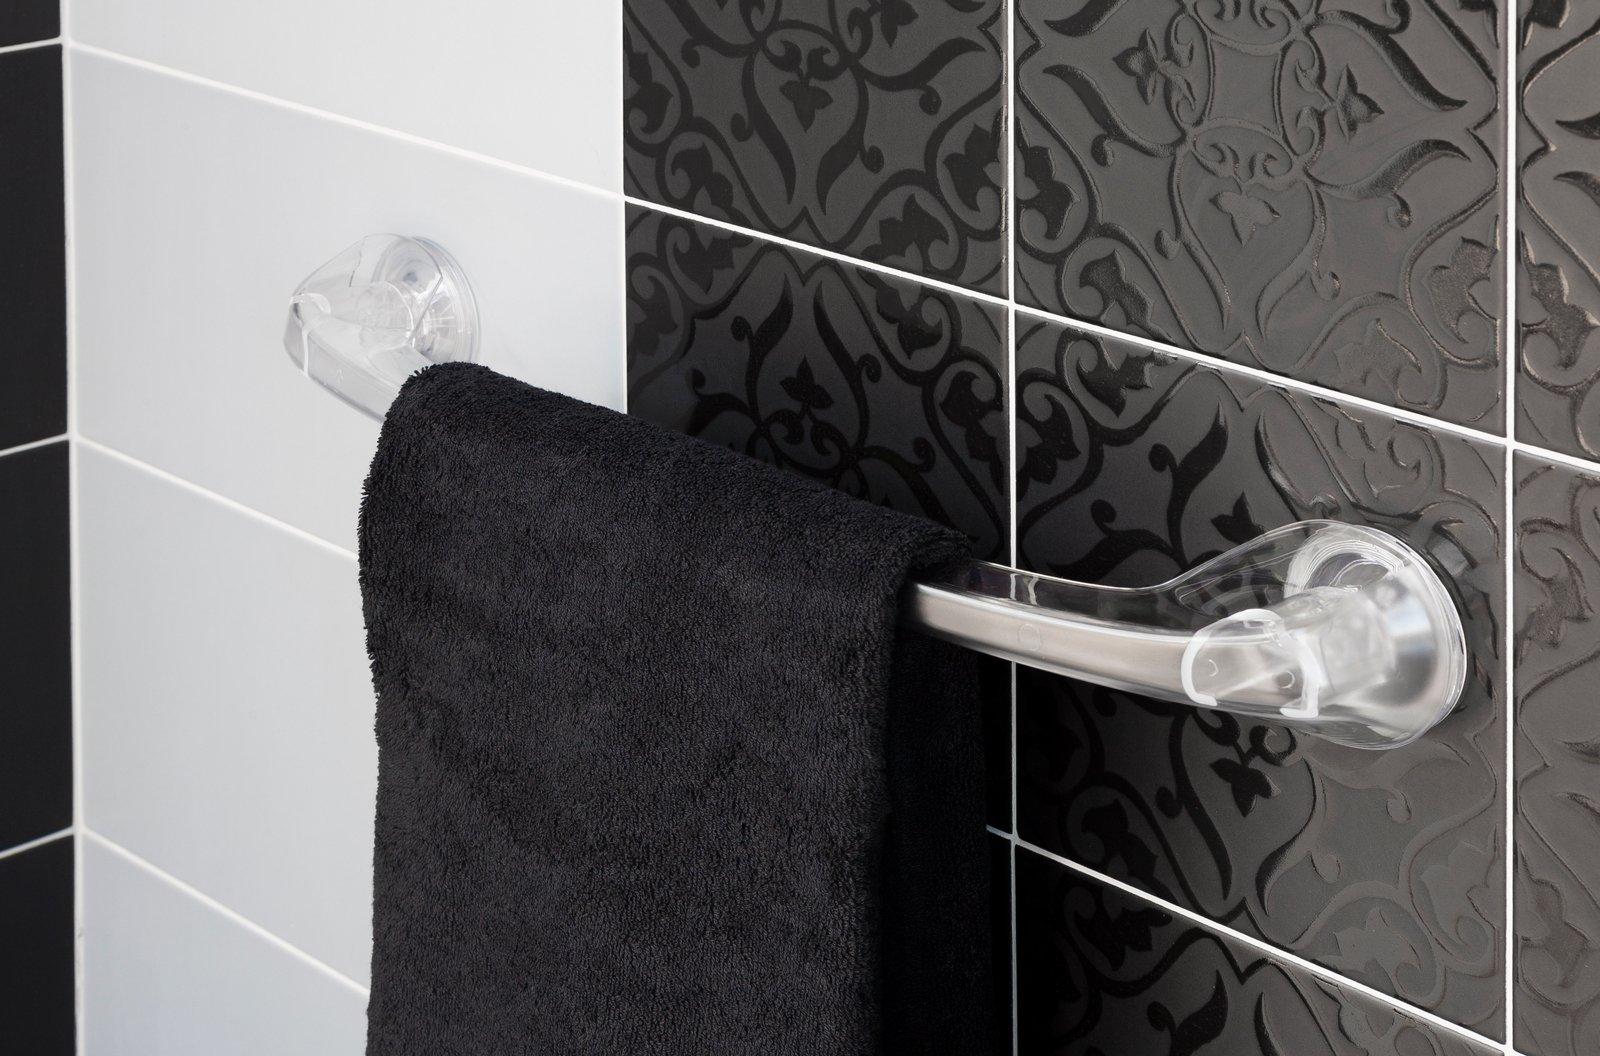 Portasciugamani Bagno A Muro : Portasciugamani per il bagno cose di casa